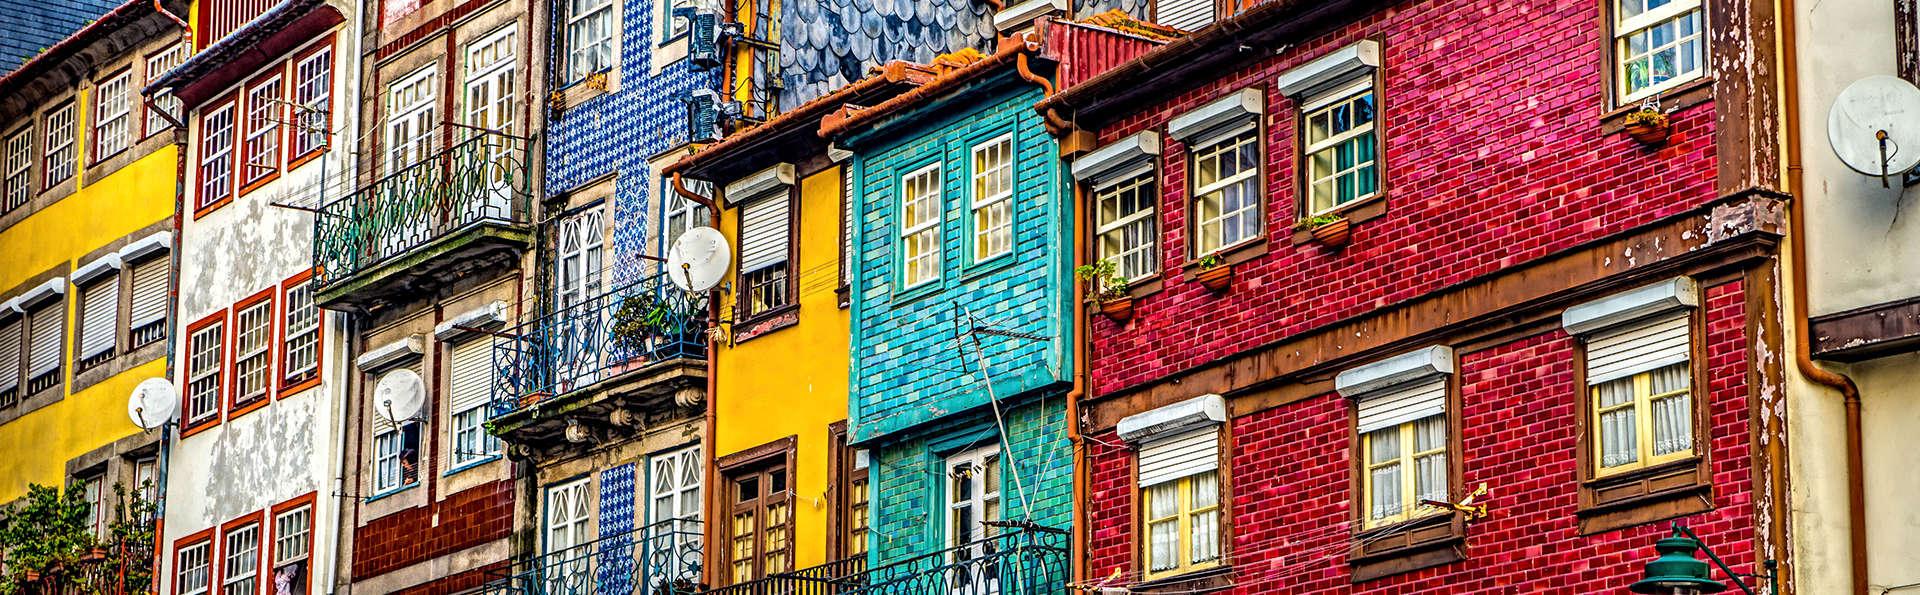 Escapada en Oporto con visita guiada y degustación de vinos (desde 3 noches)